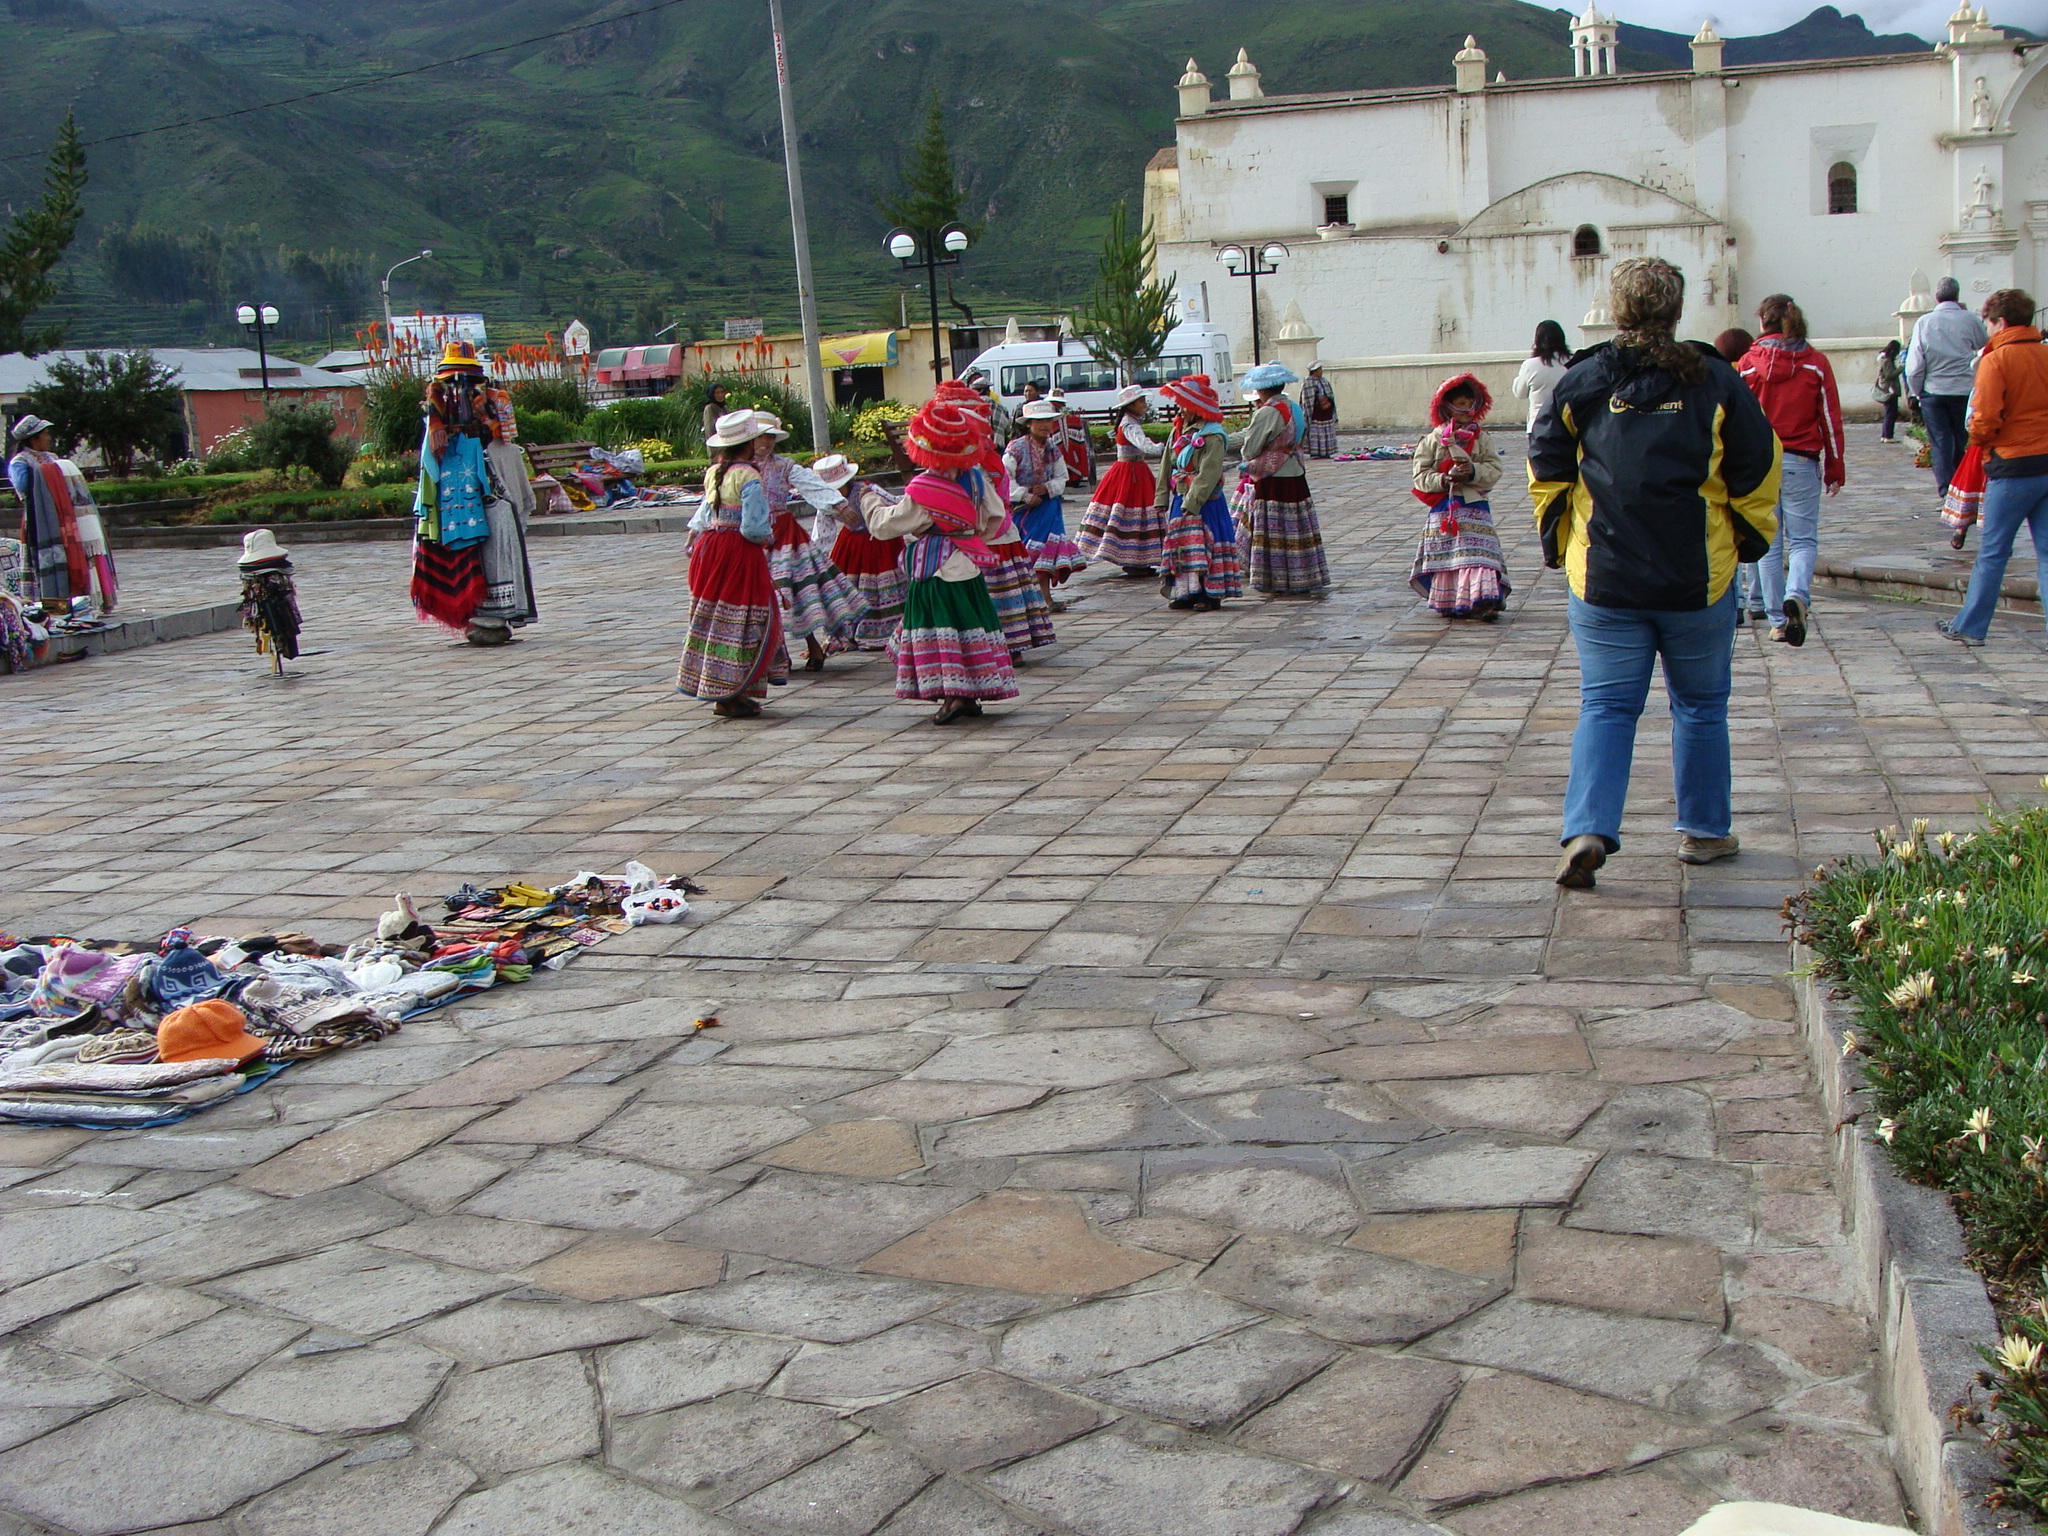 Coparaci - náměstí dne 19. 2. 2012 7:12